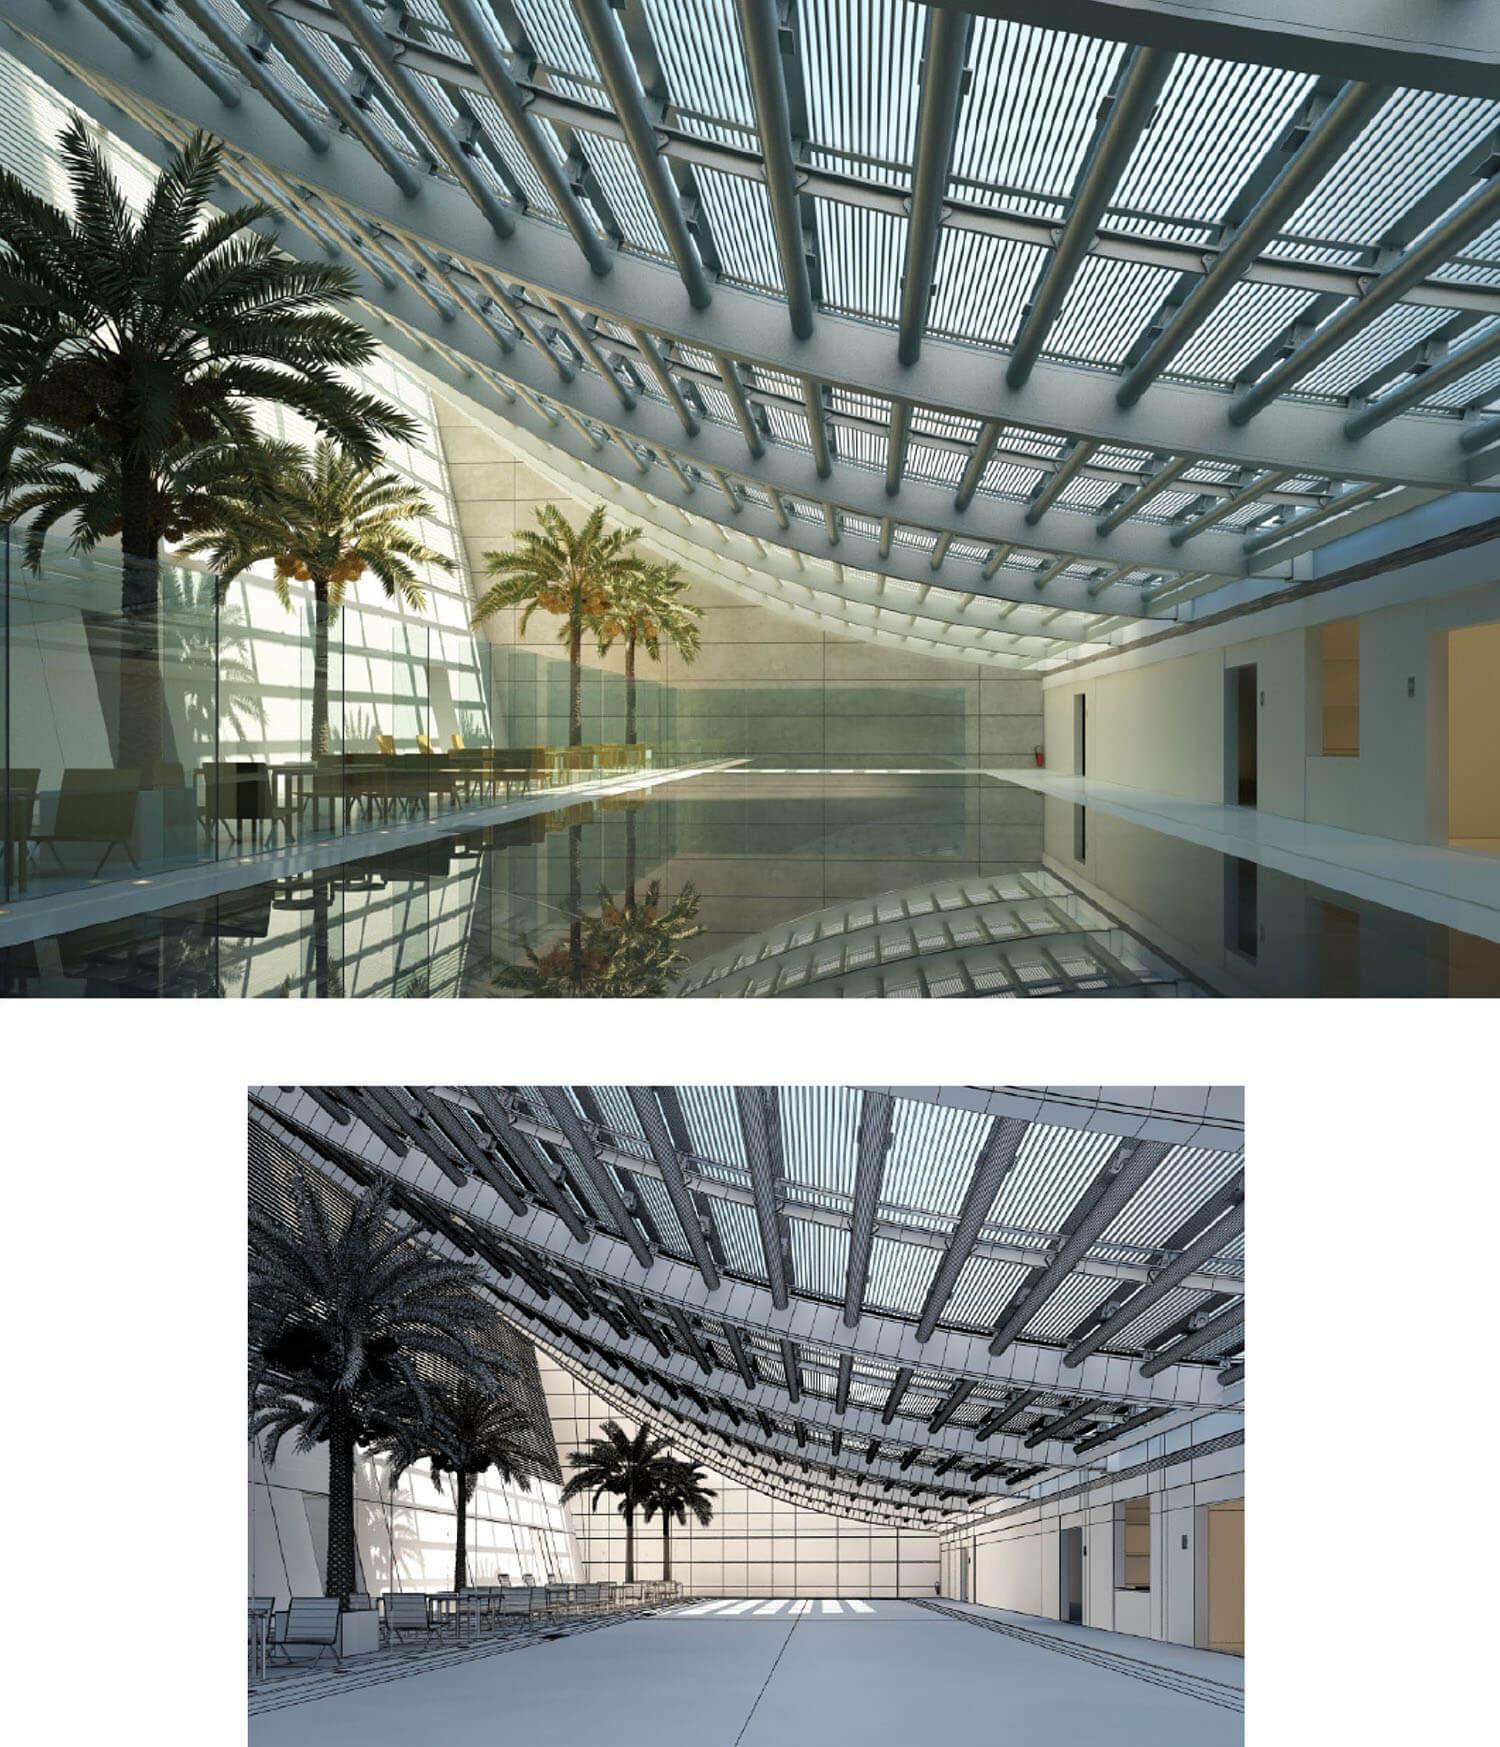 Nội thất nhà hàng được thiết kế cạnh bể bơi cùng phần trần kính uốn lượn